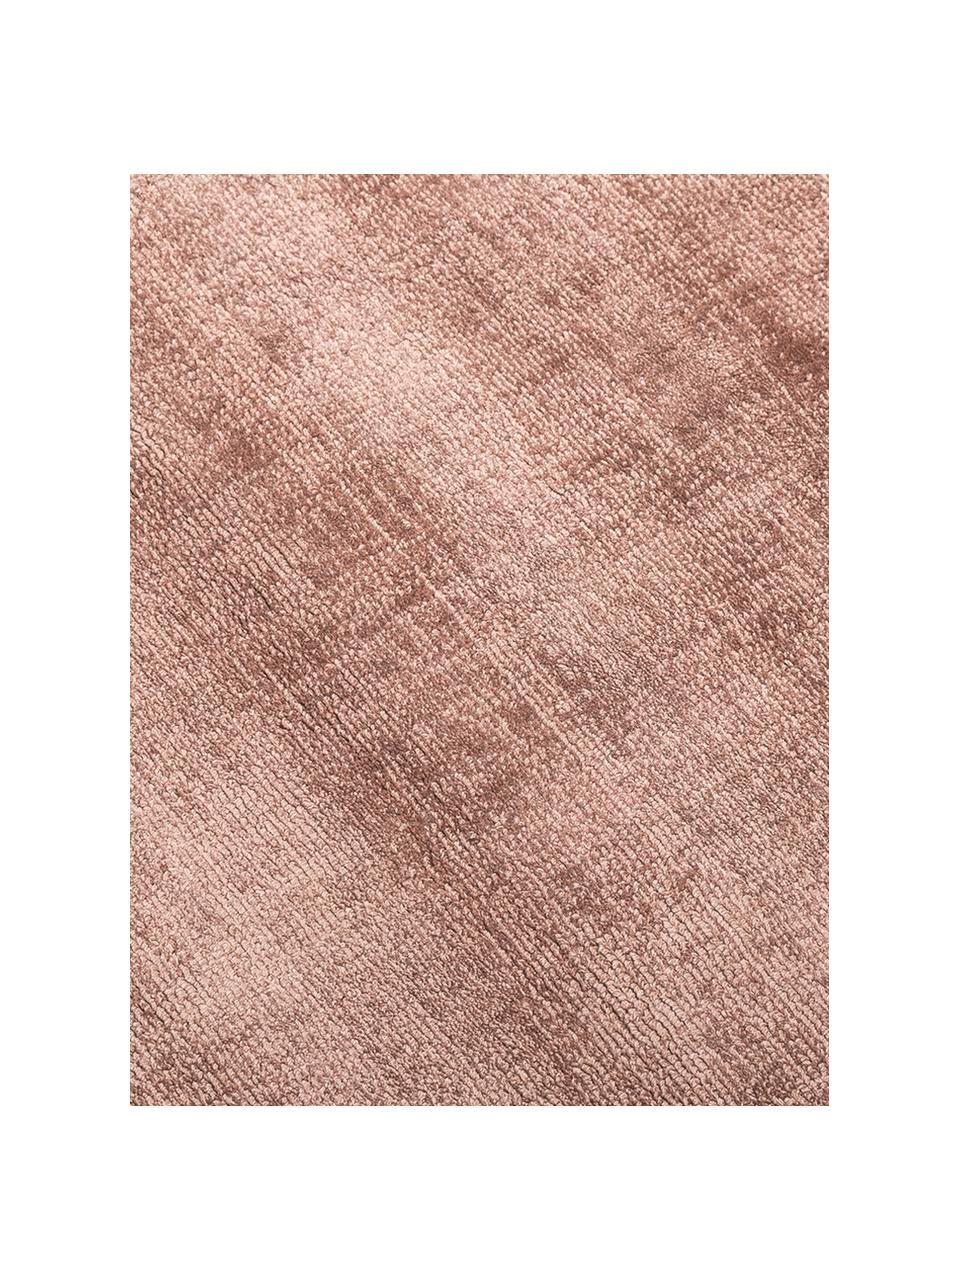 Ručně tkaný viskózový koberec Jane, Terakotová